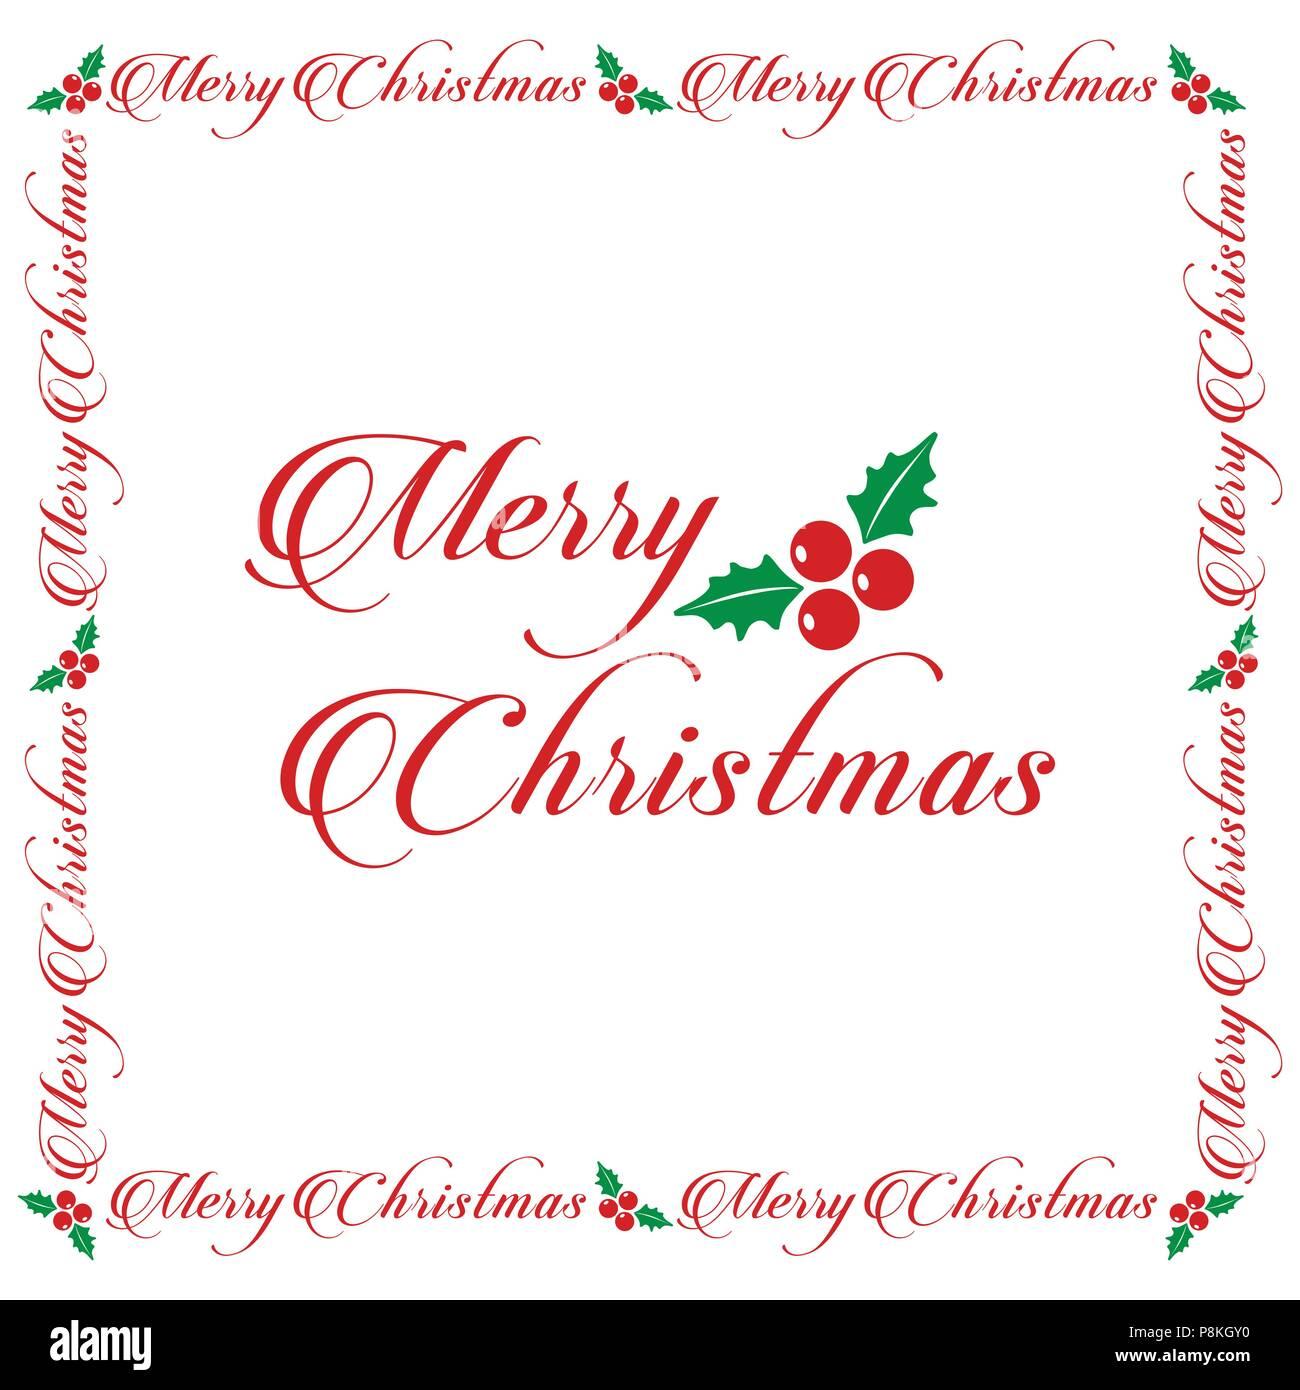 Einfache Weihnachtsgrüße.Weihnachtsgrüße Stockfotos Weihnachtsgrüße Bilder Alamy